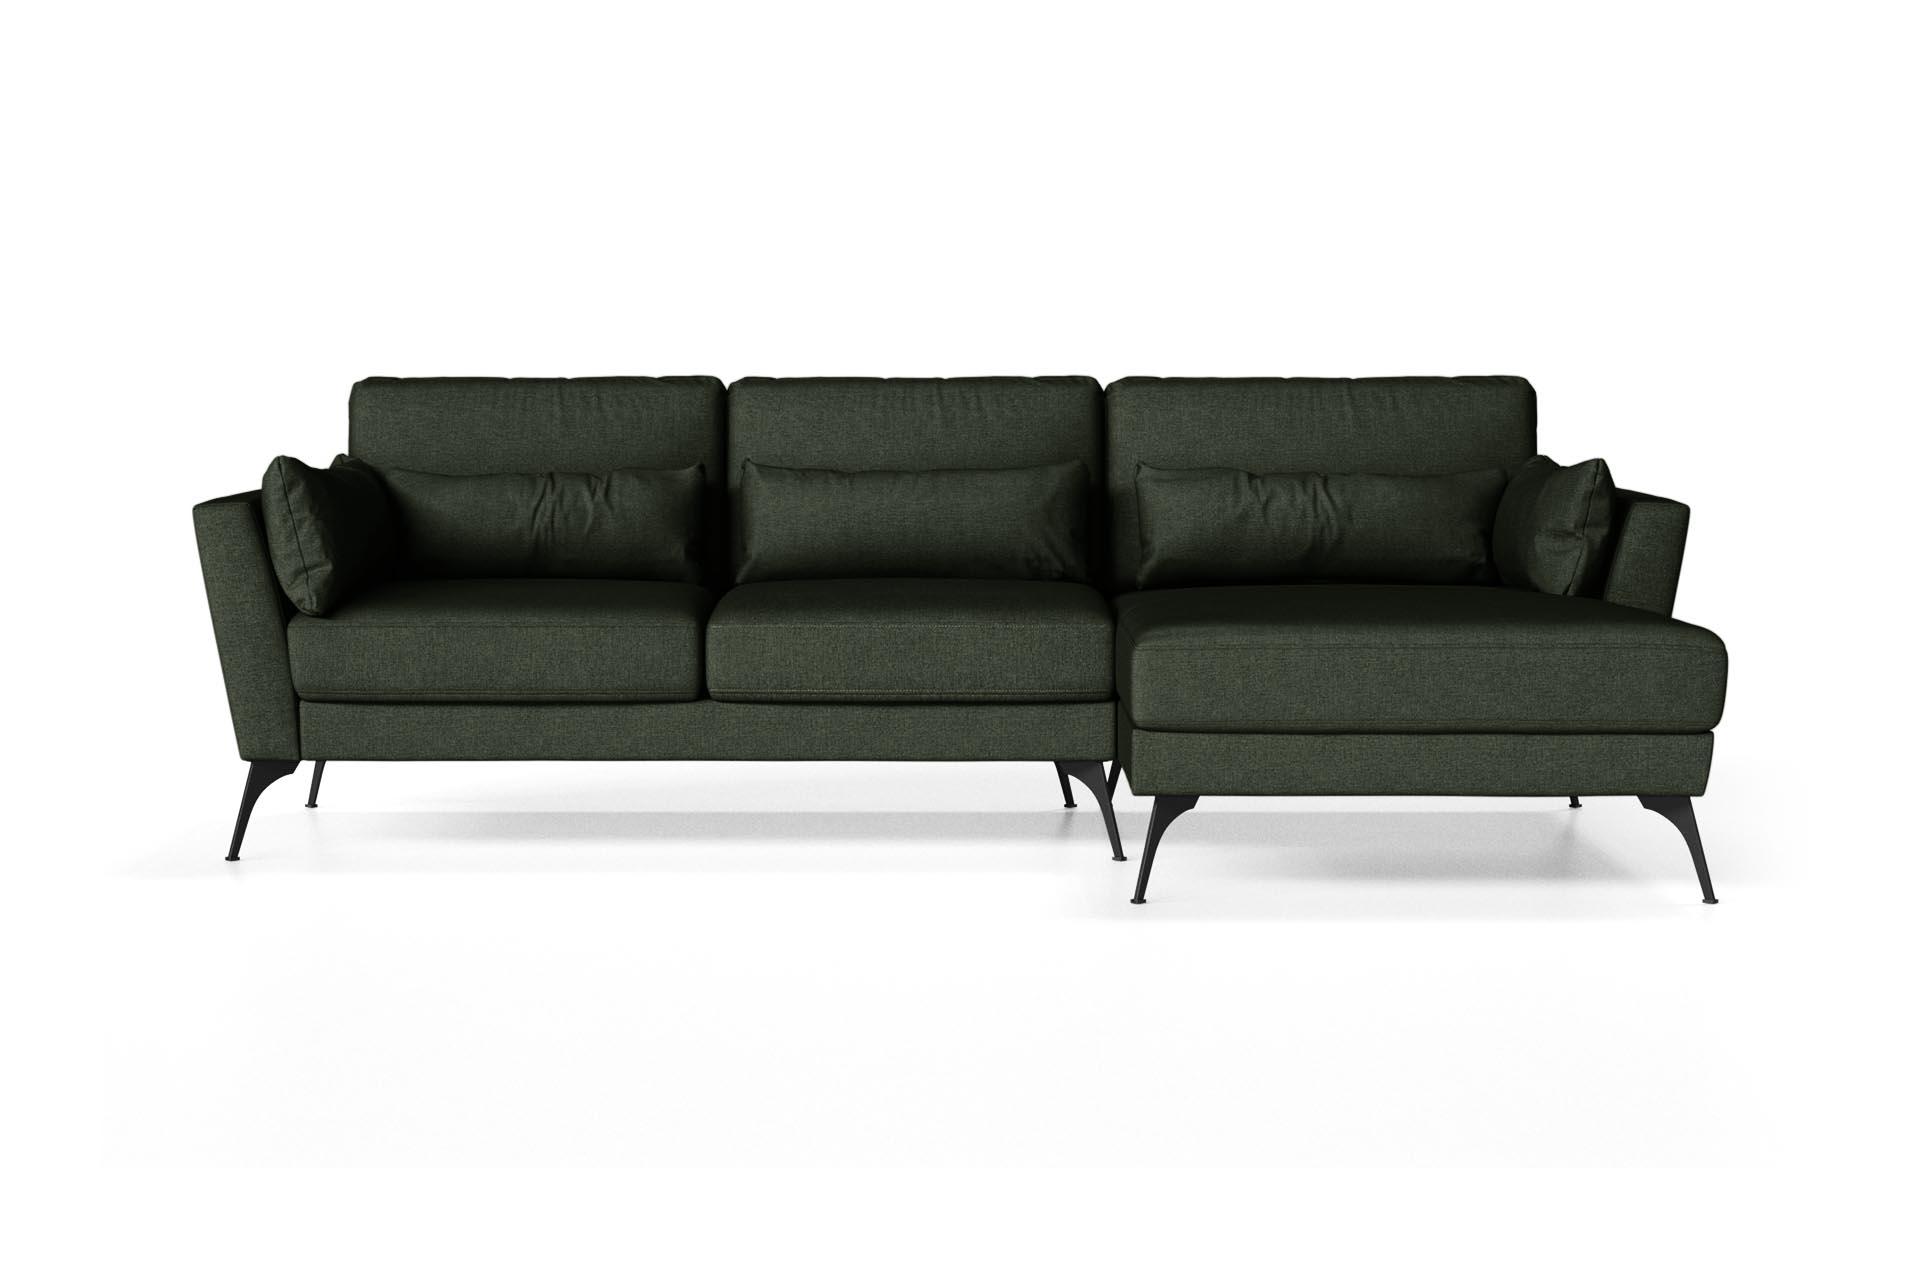 Canapé d'angle droit 4 places toucher lin vert bouteille